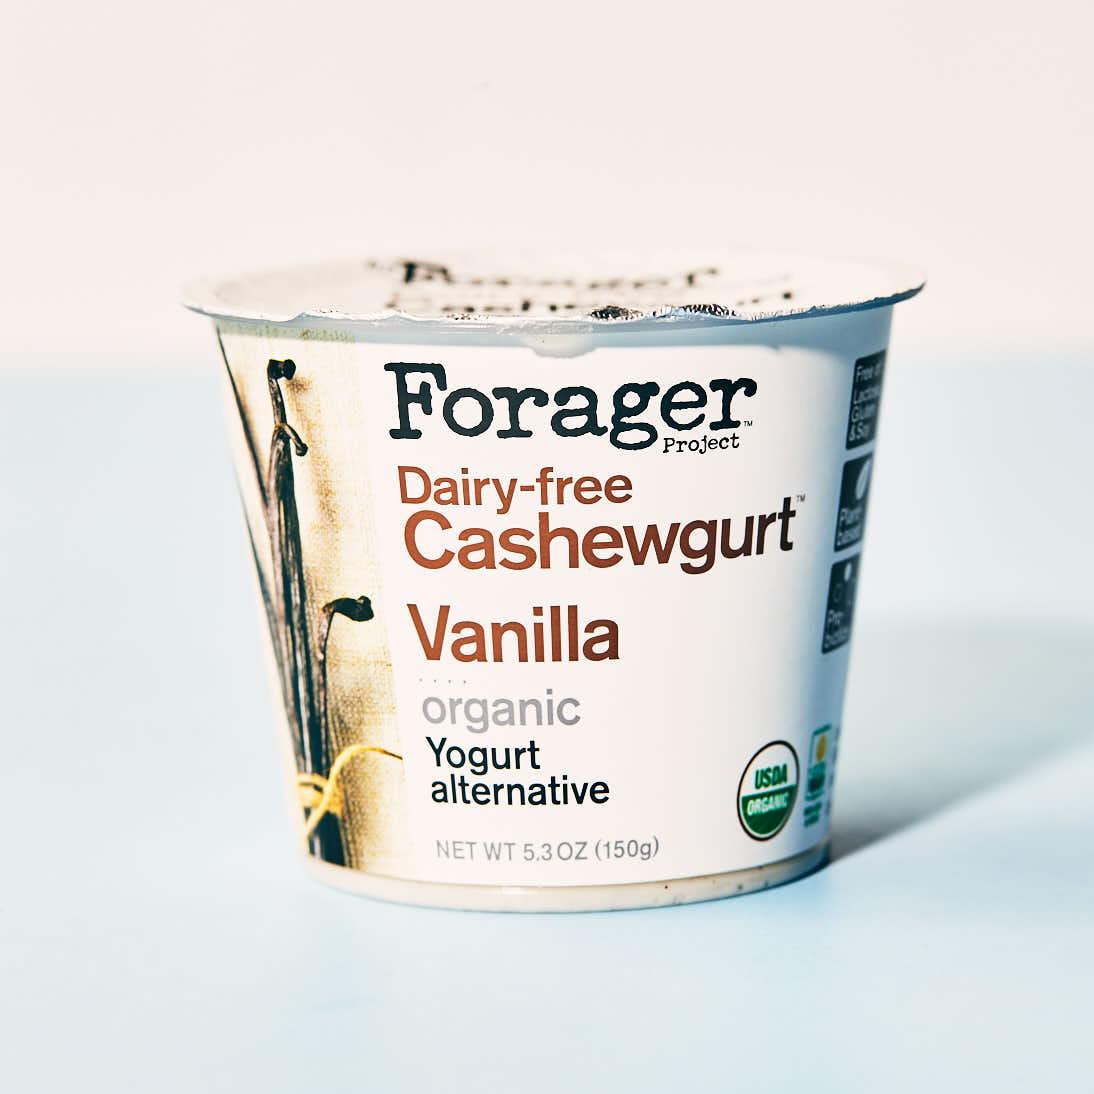 Forager Cashewgurt - Vanilla.jpg